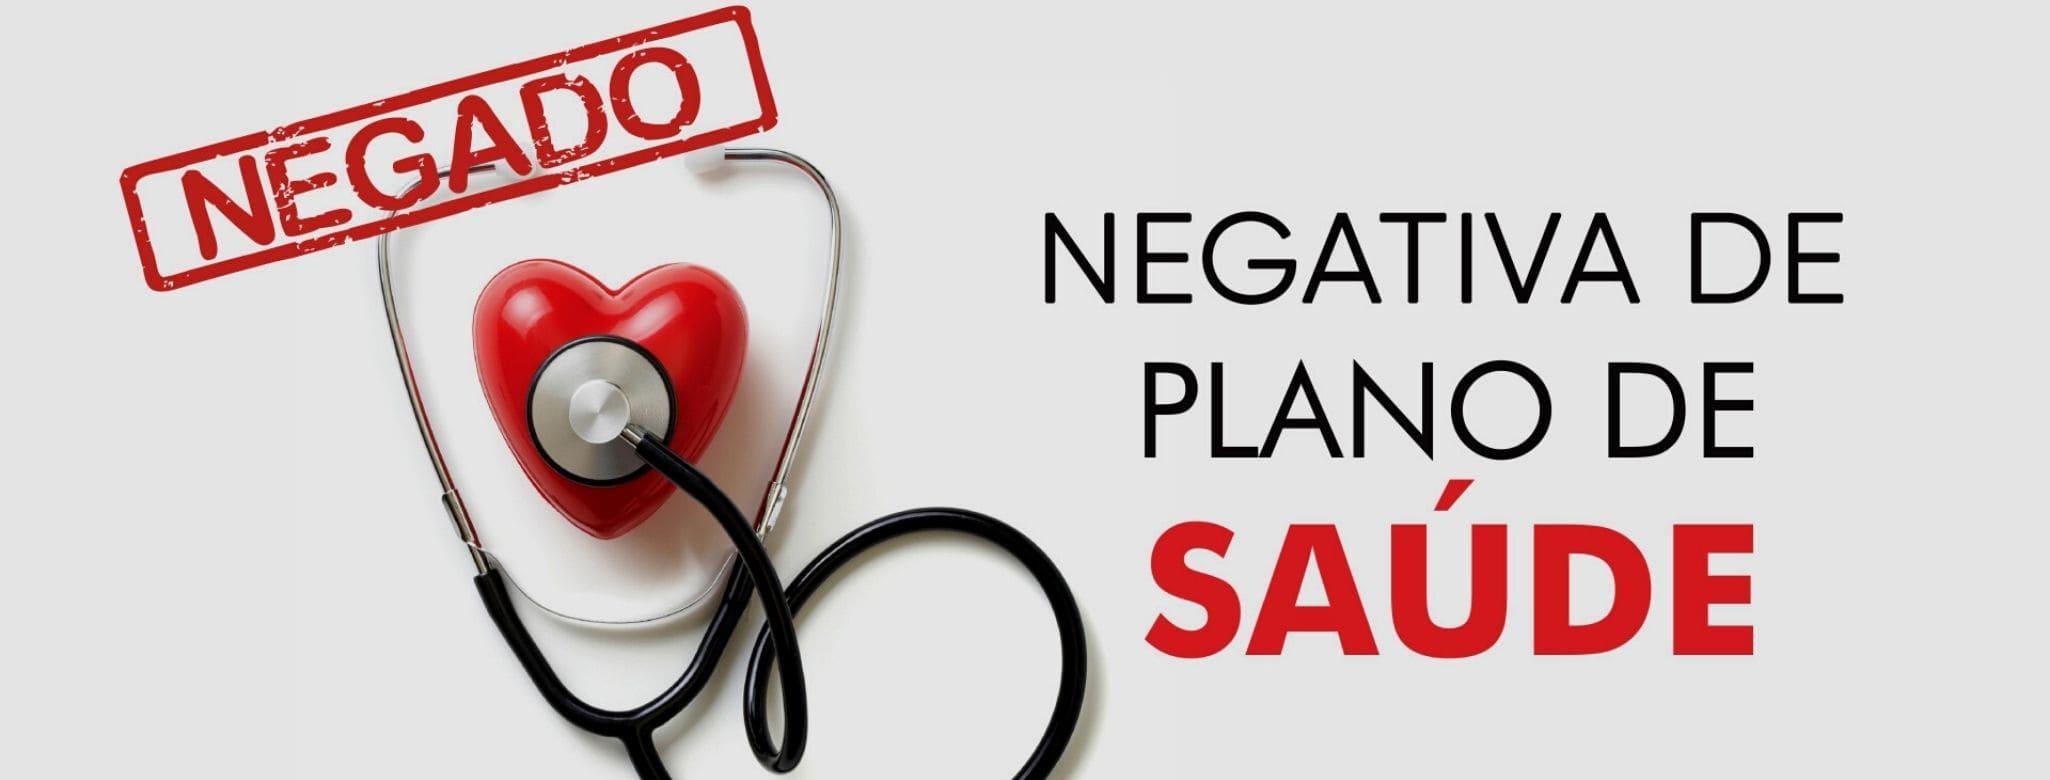 Negativa do Plano de Saúde à materiais indispensáveis à cirurgia